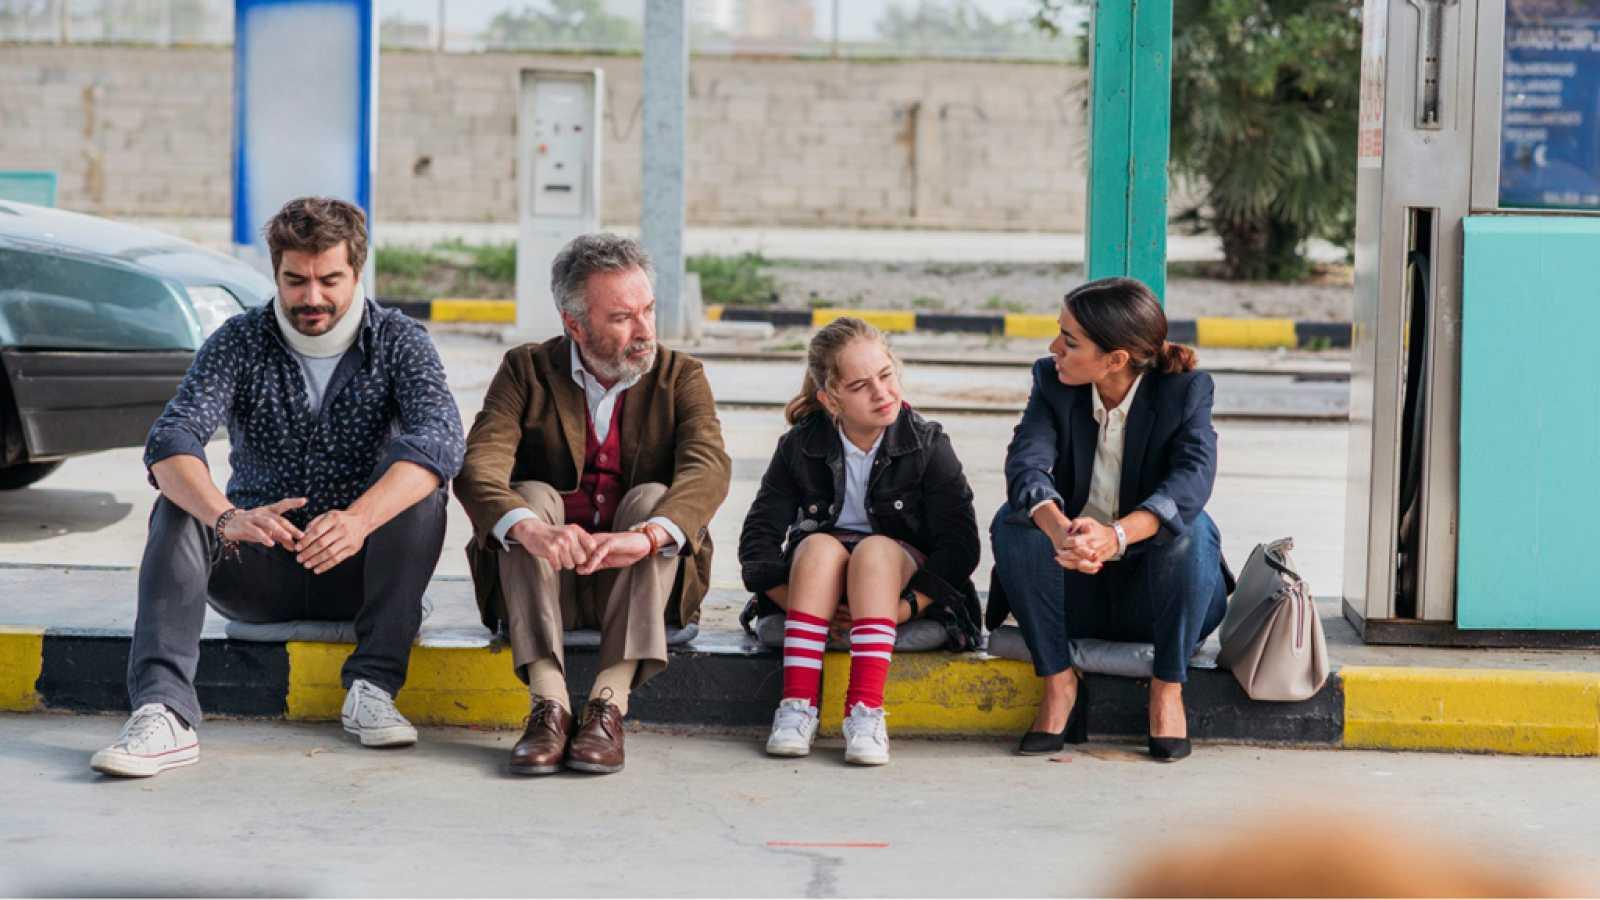 peliculas españolas estreno septiembre vuelta verano final vacaciones cine